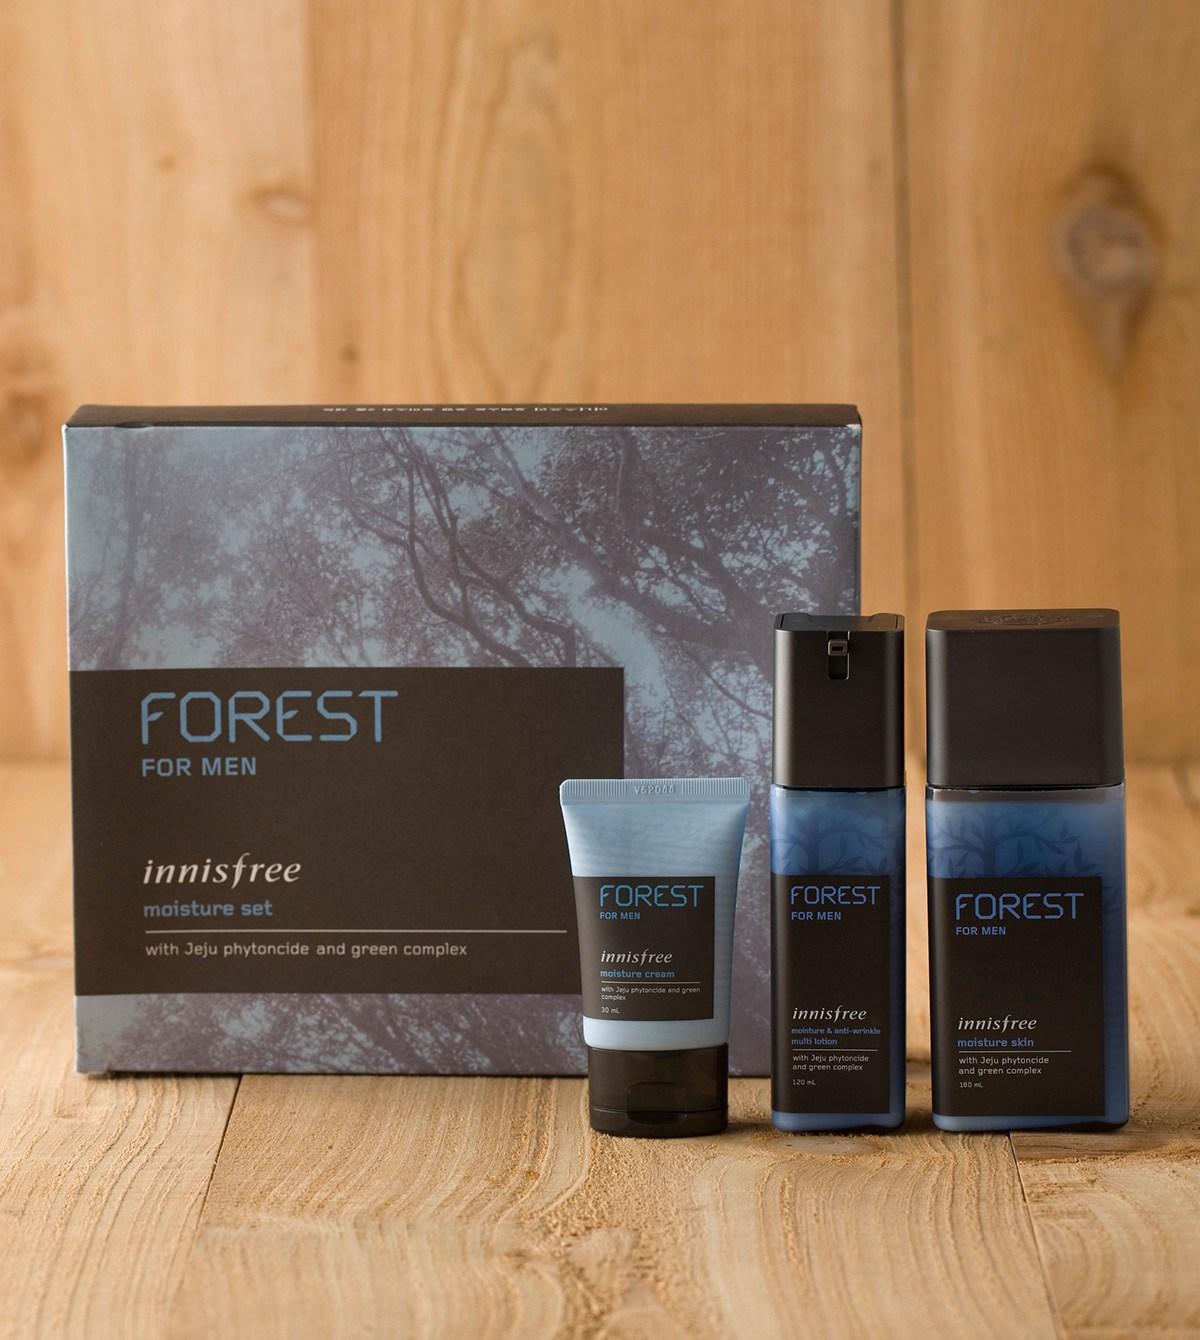 Innisfree Forest for Men Moisture Set1